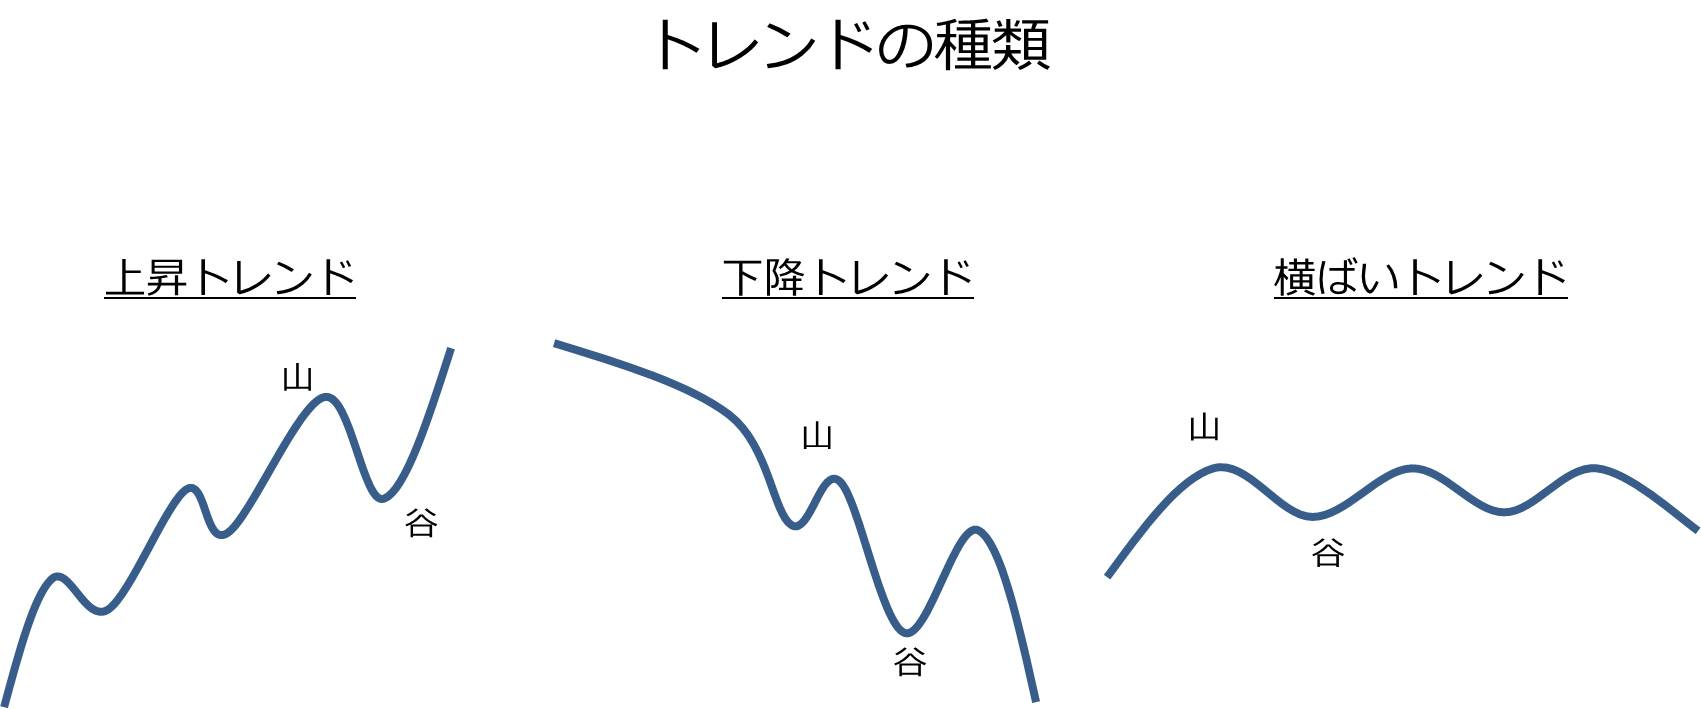 トレンド図